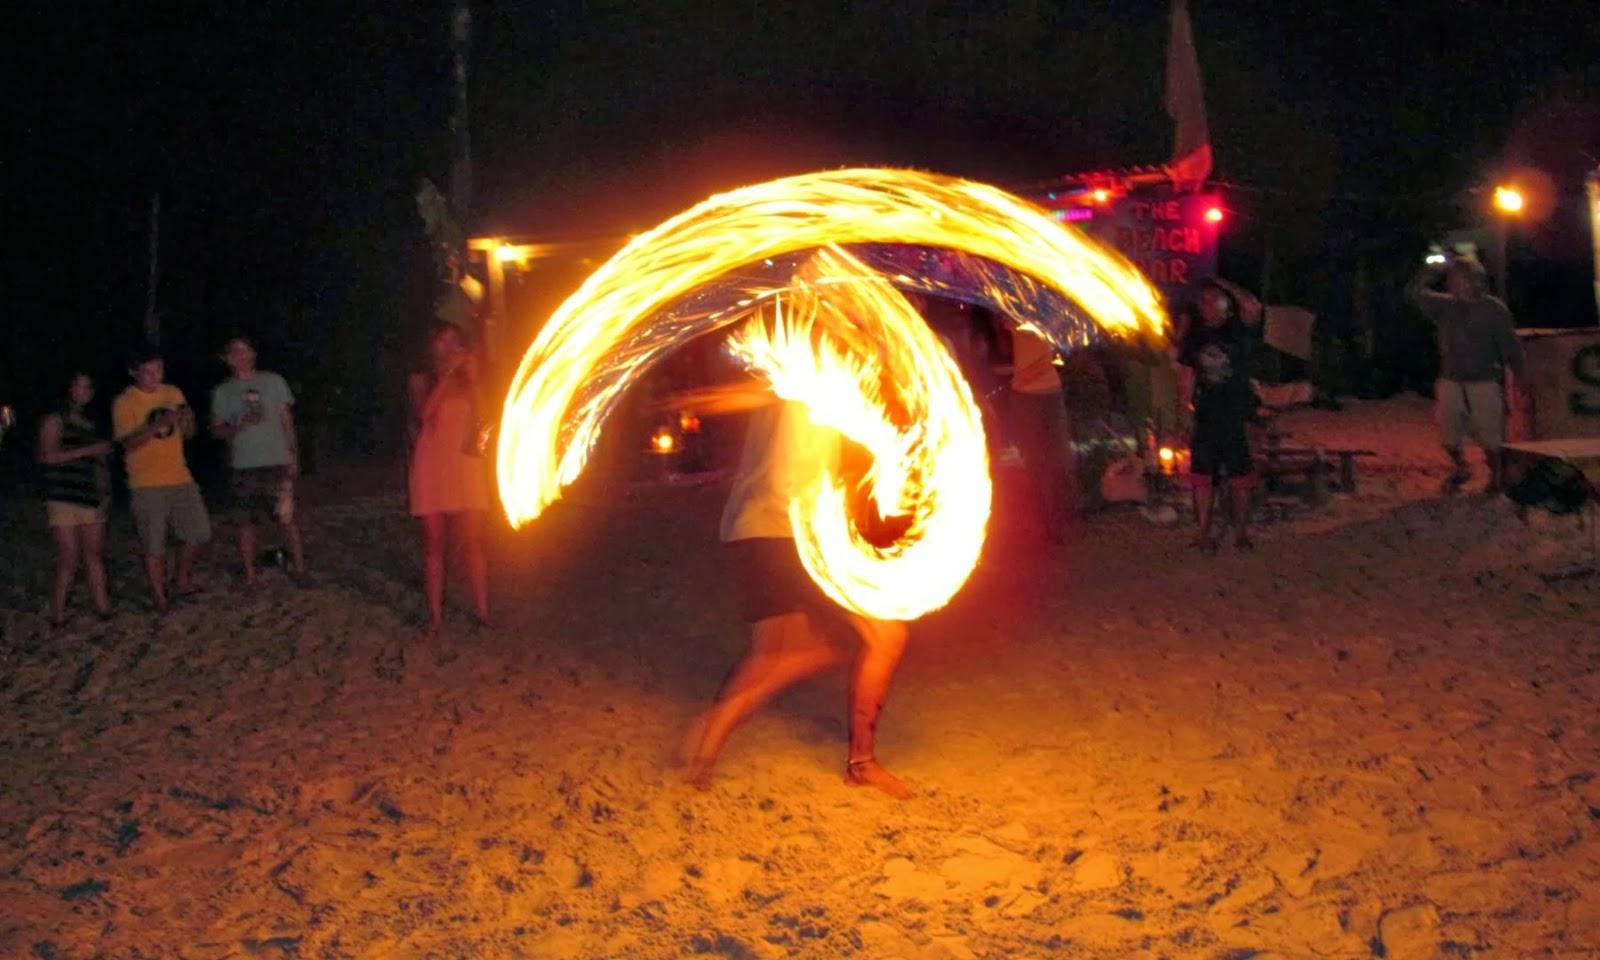 pulau perhentian kecil beach fire dance and show